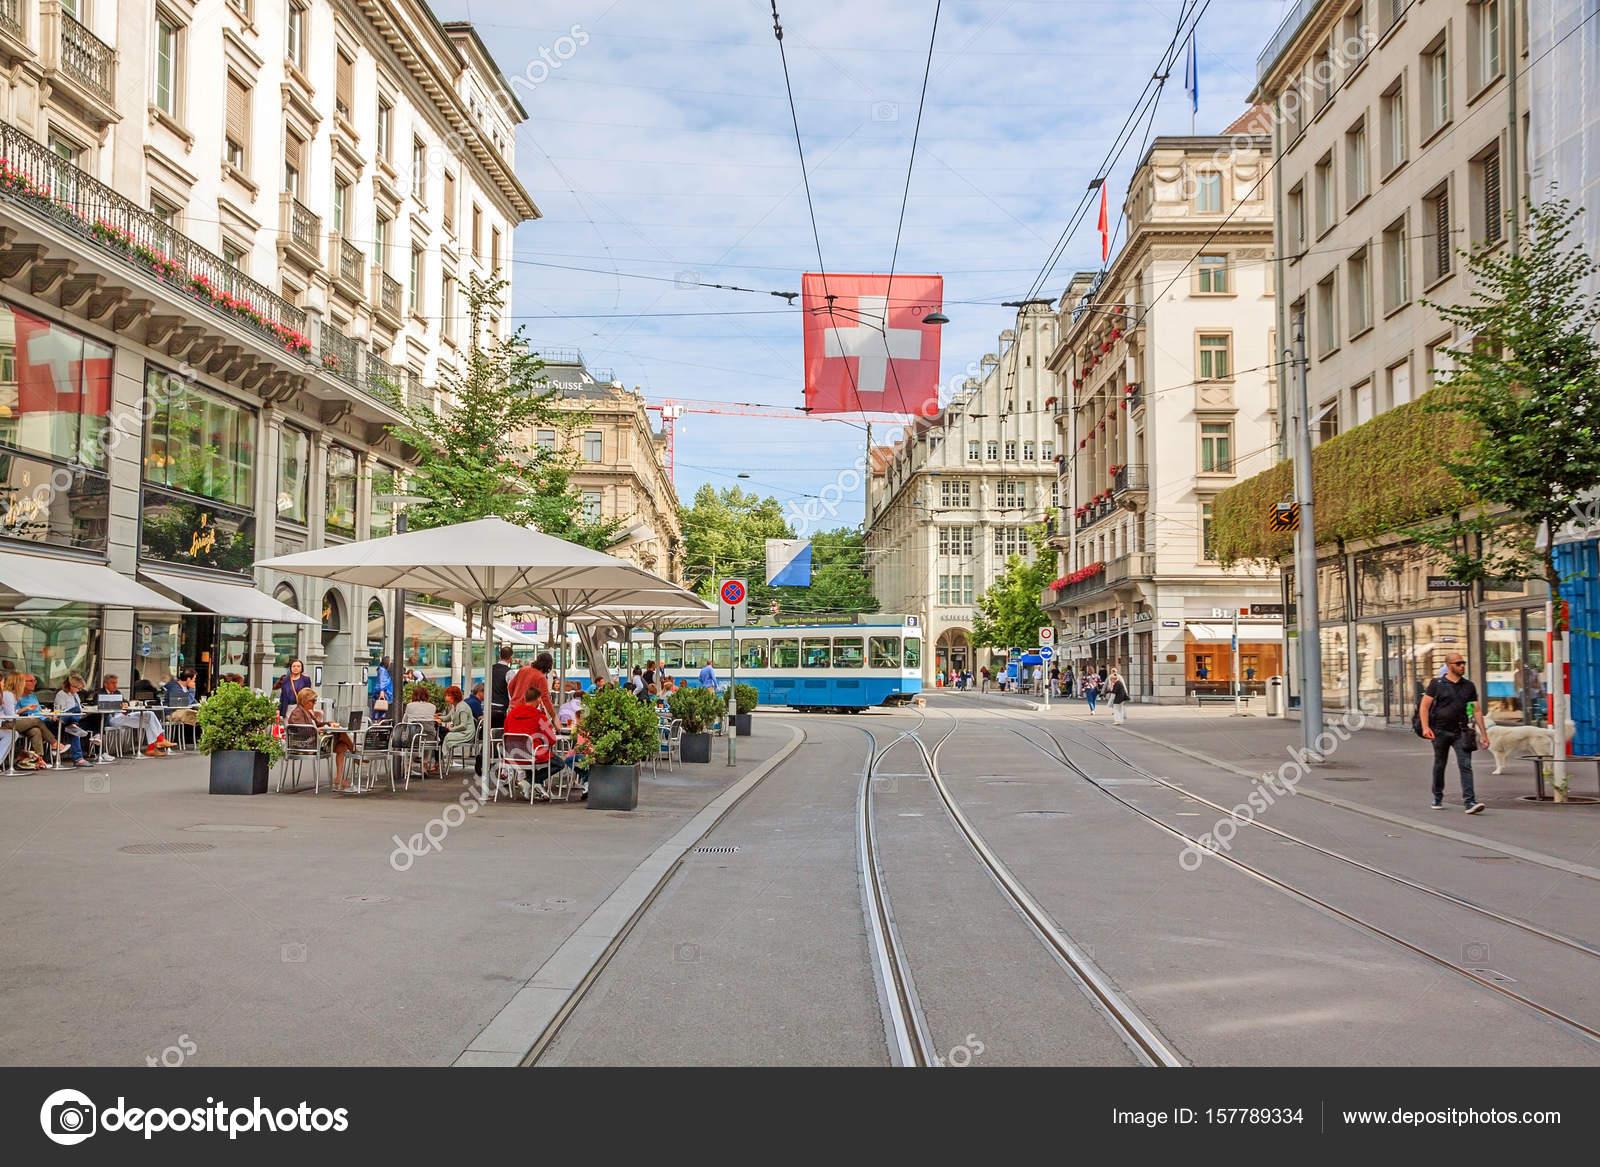 a5067365273 Compras rua Bahnhofstrasse com bandeira eléctrico e suíço de Zurique —  Fotografia de Stock